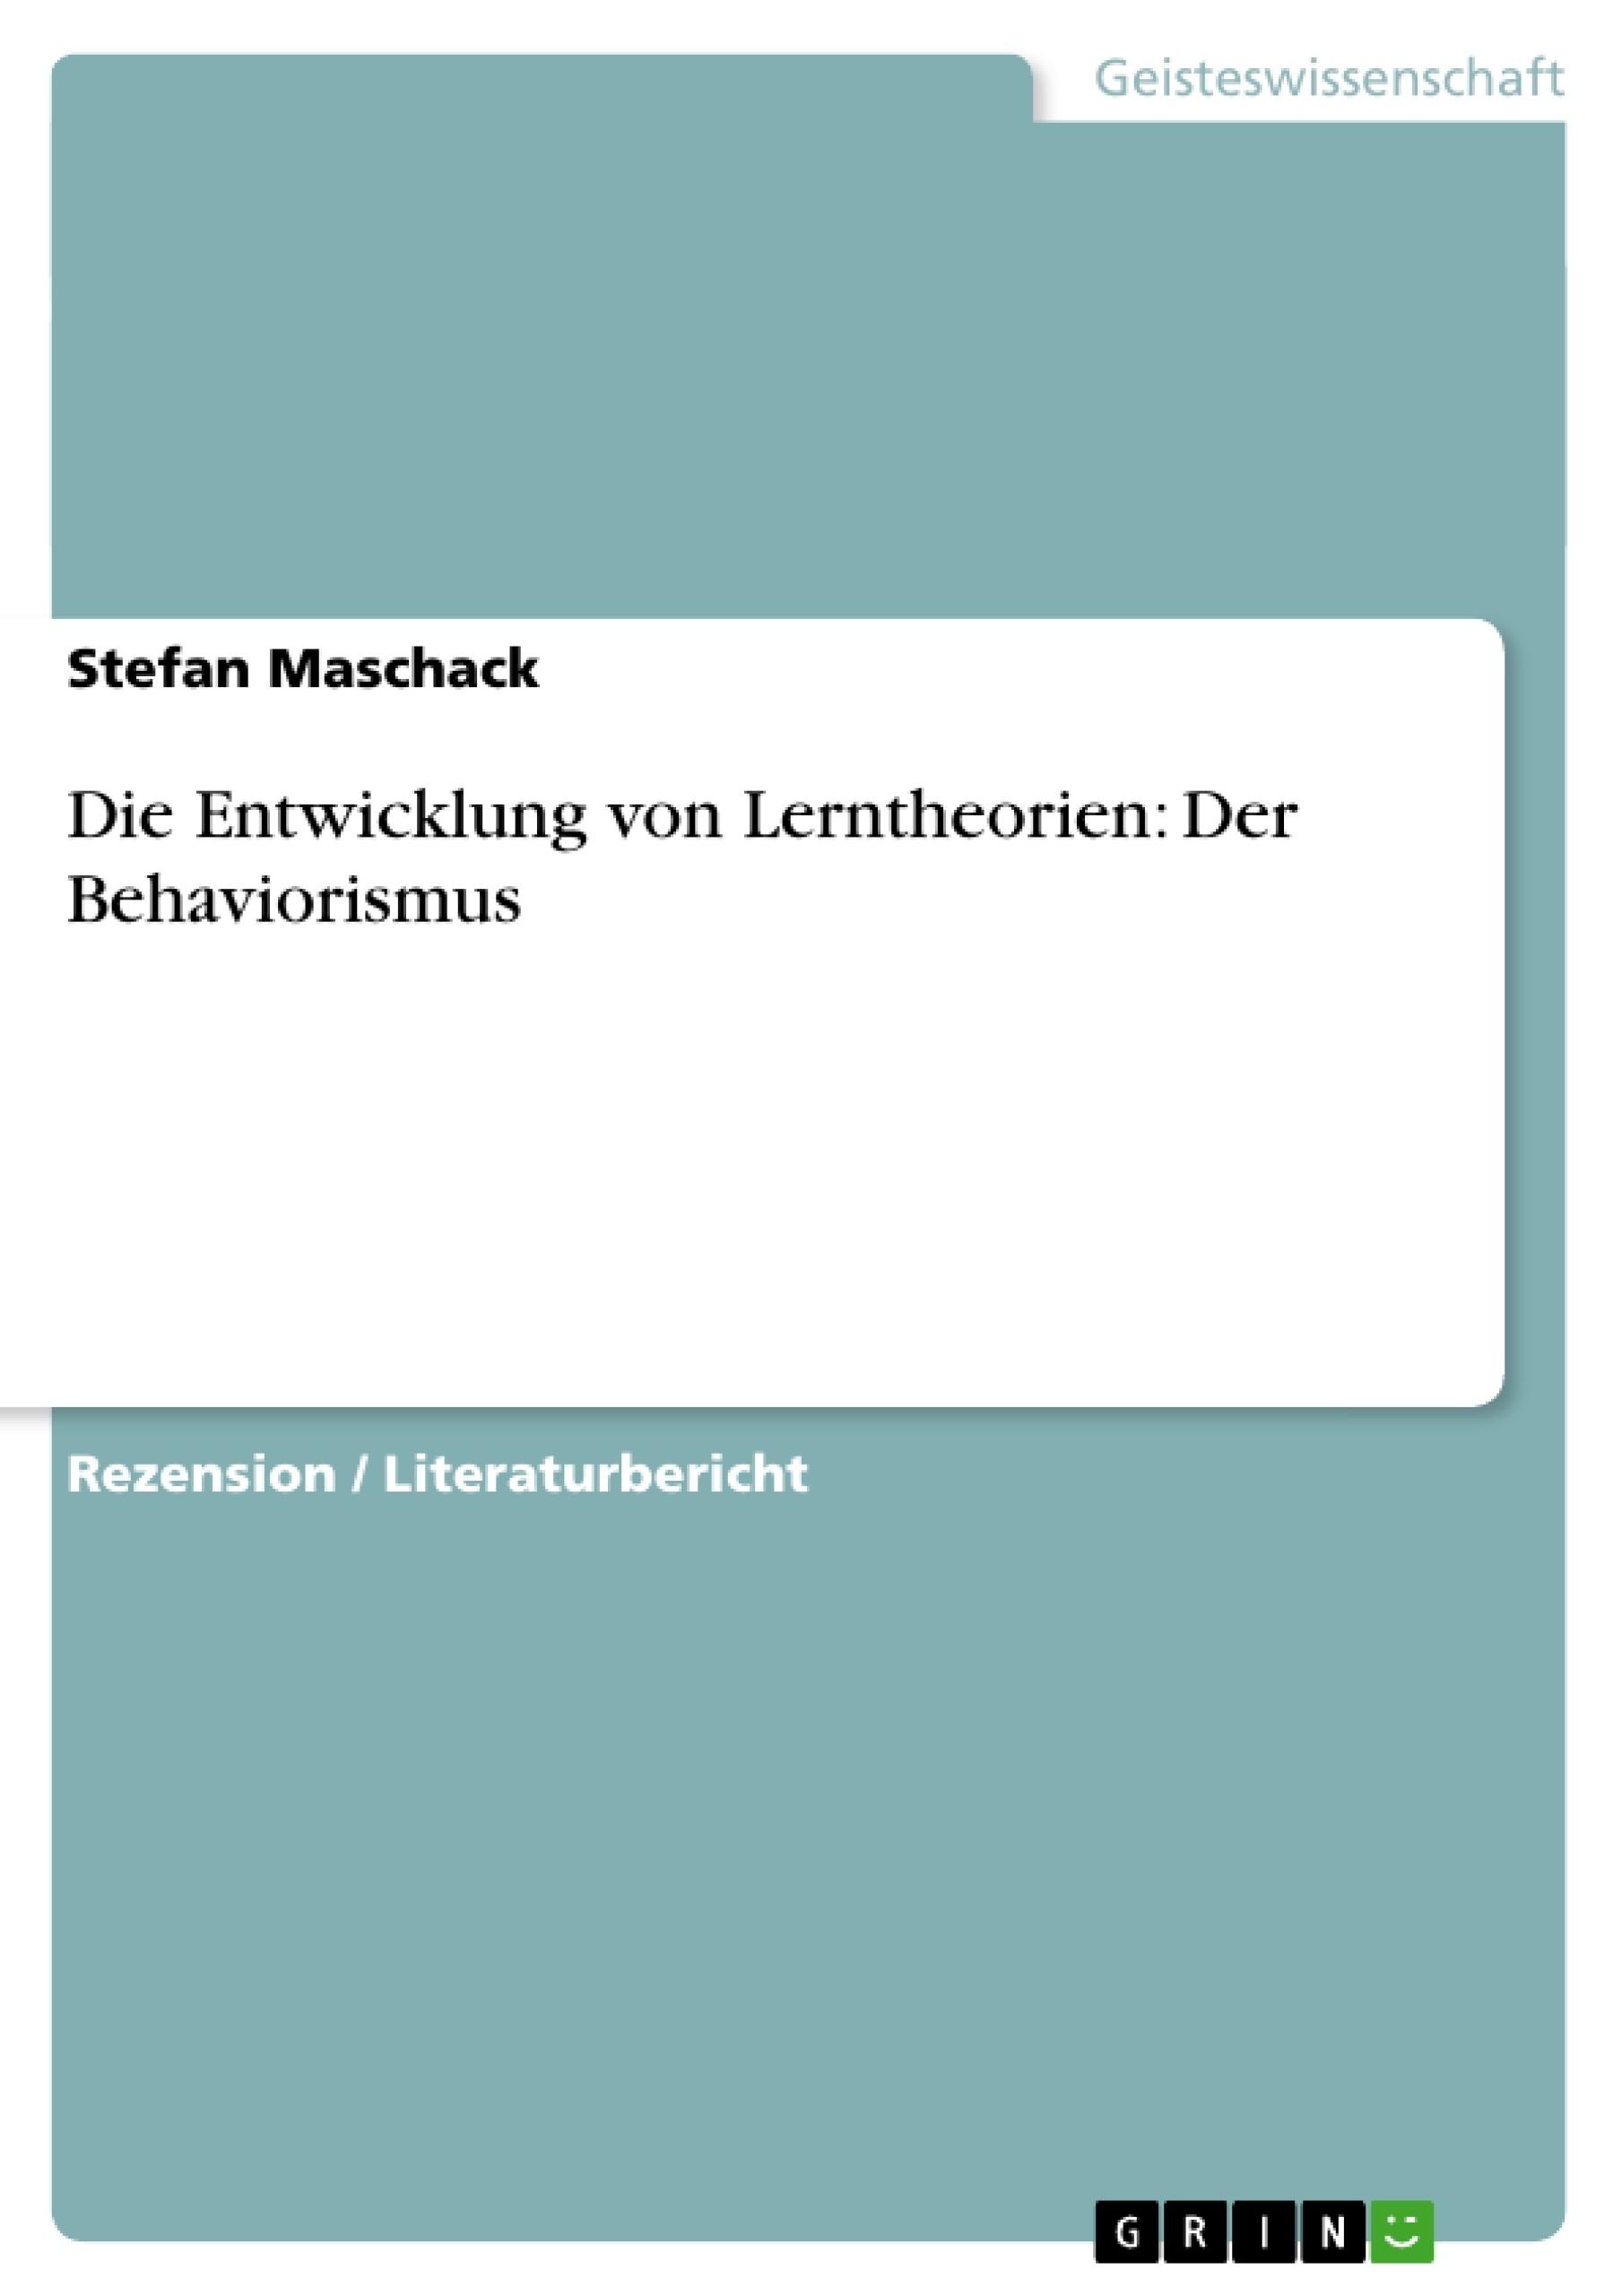 Titel: Die Entwicklung von Lerntheorien: Der Behaviorismus